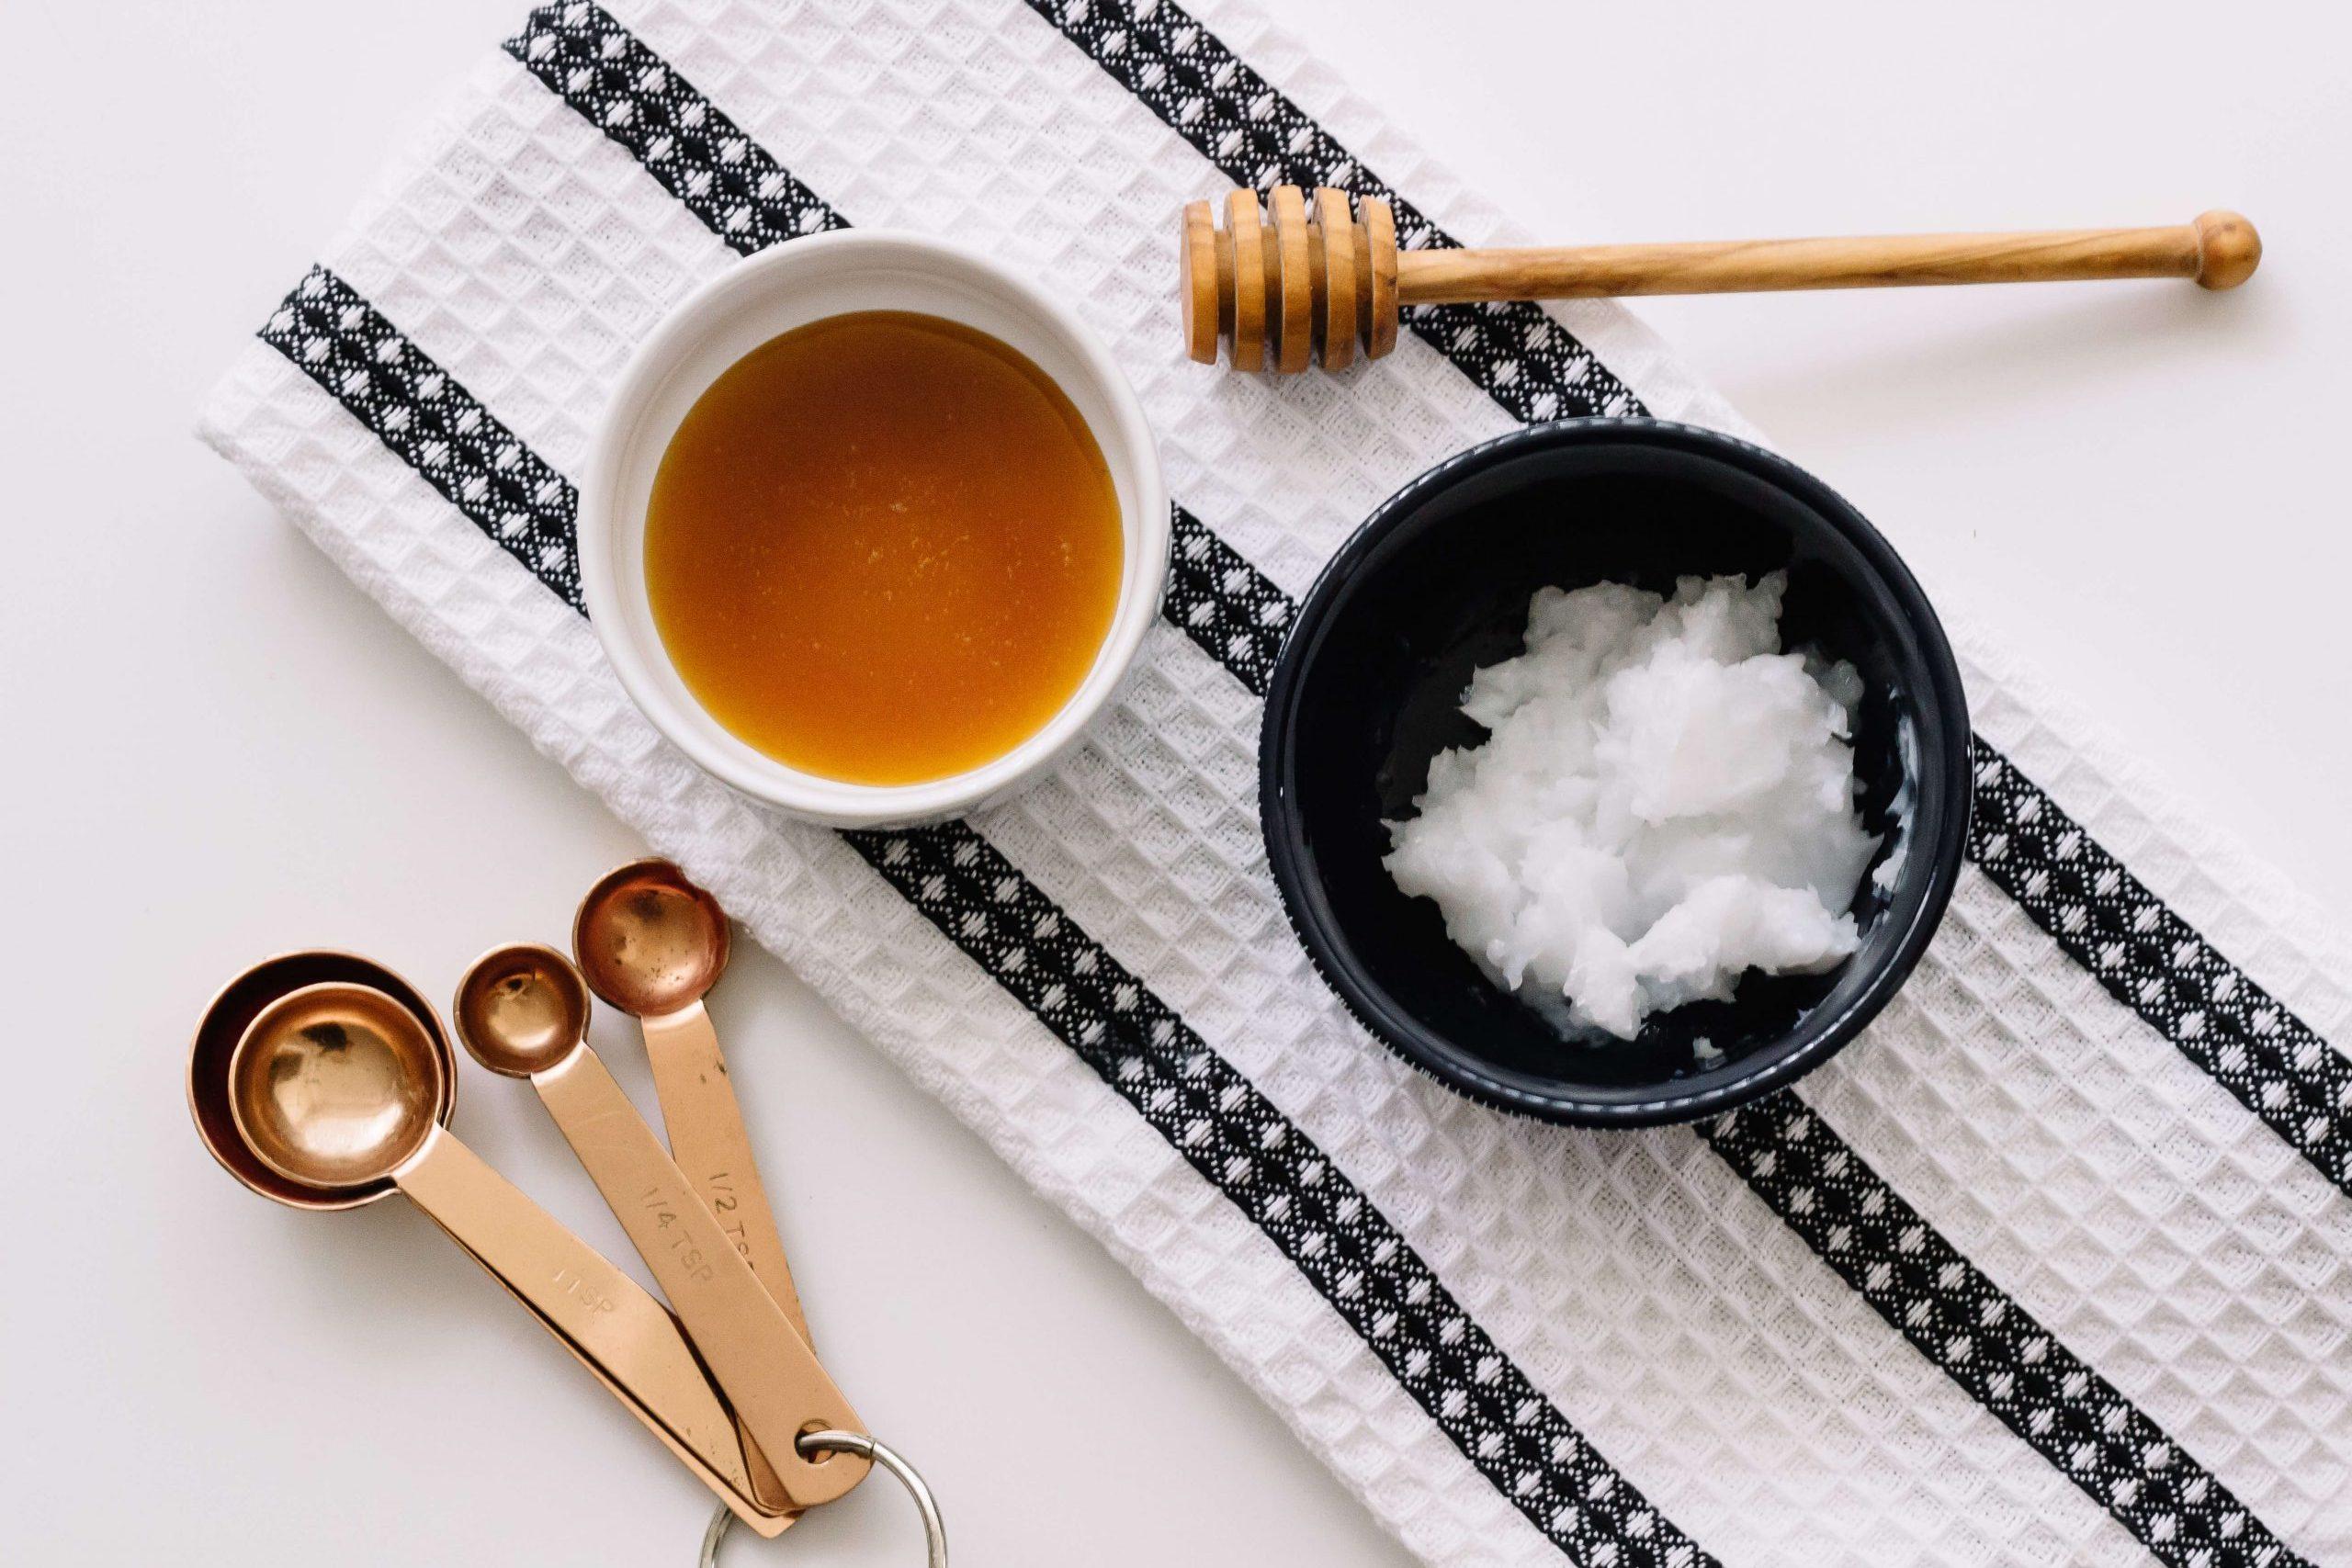 kem dưỡng da mặt tại nhà với dầu dừa